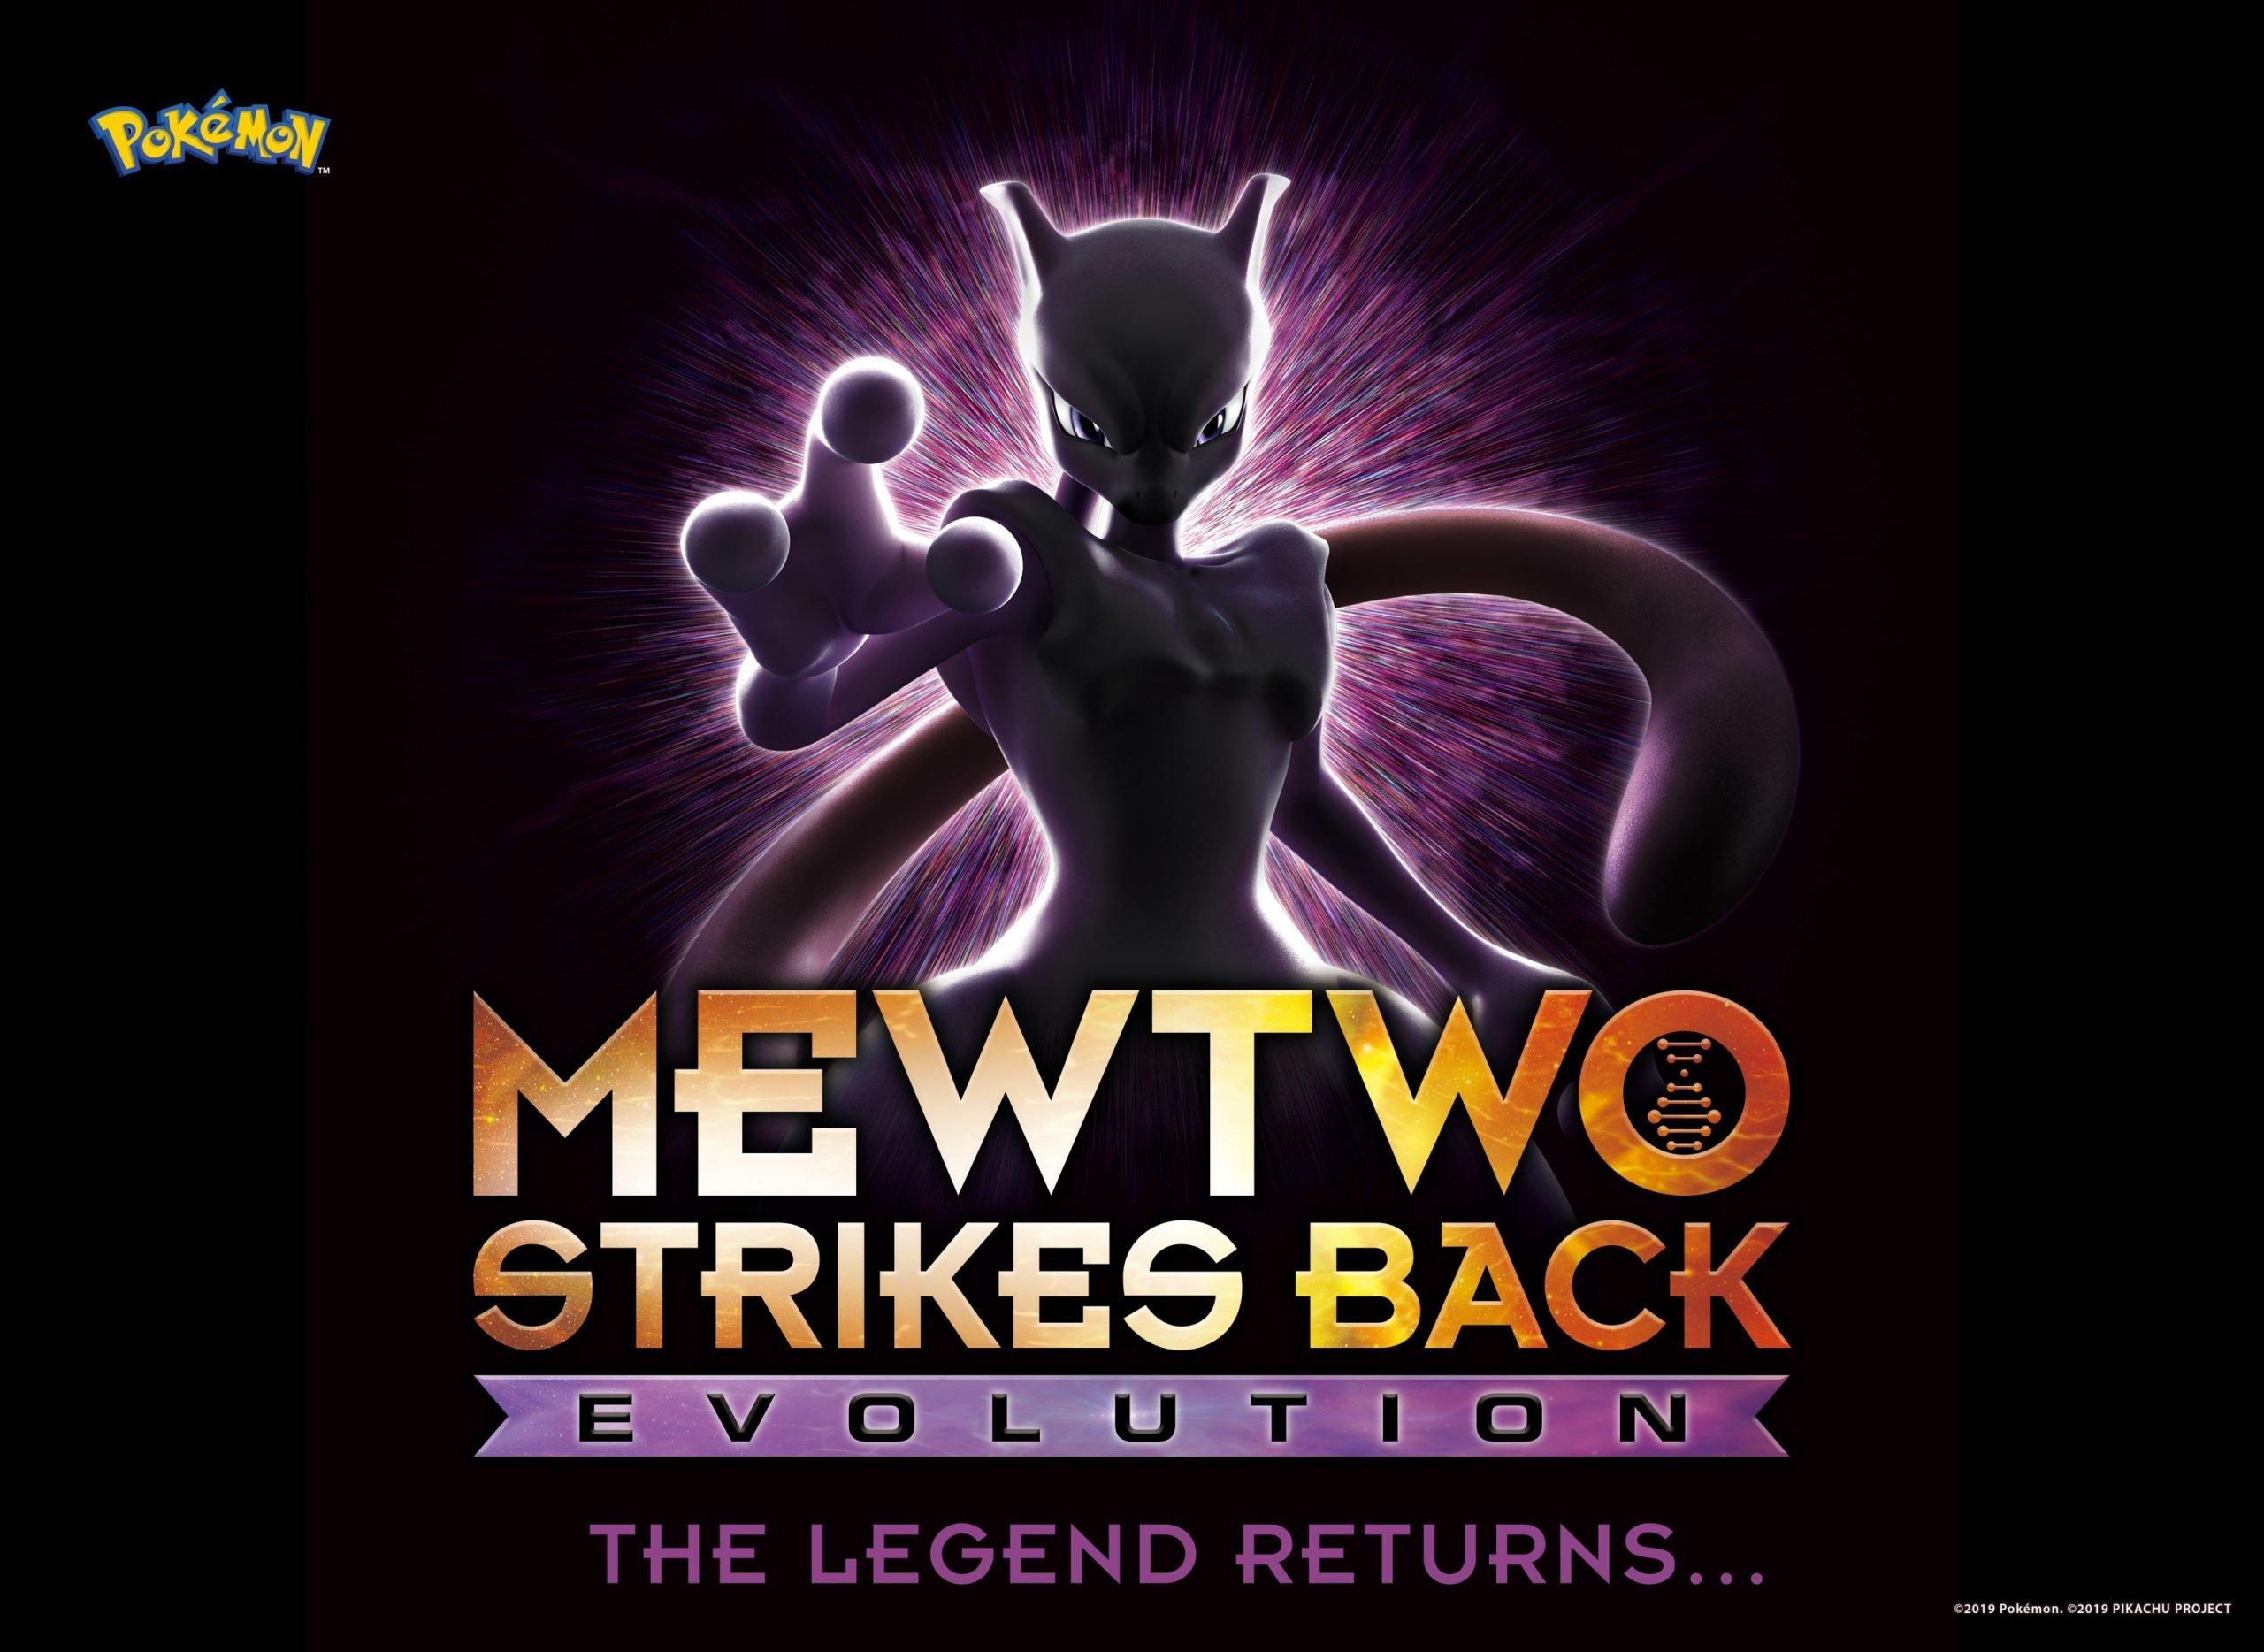 Pokémon - Mewtwo Strikes Back Evolution